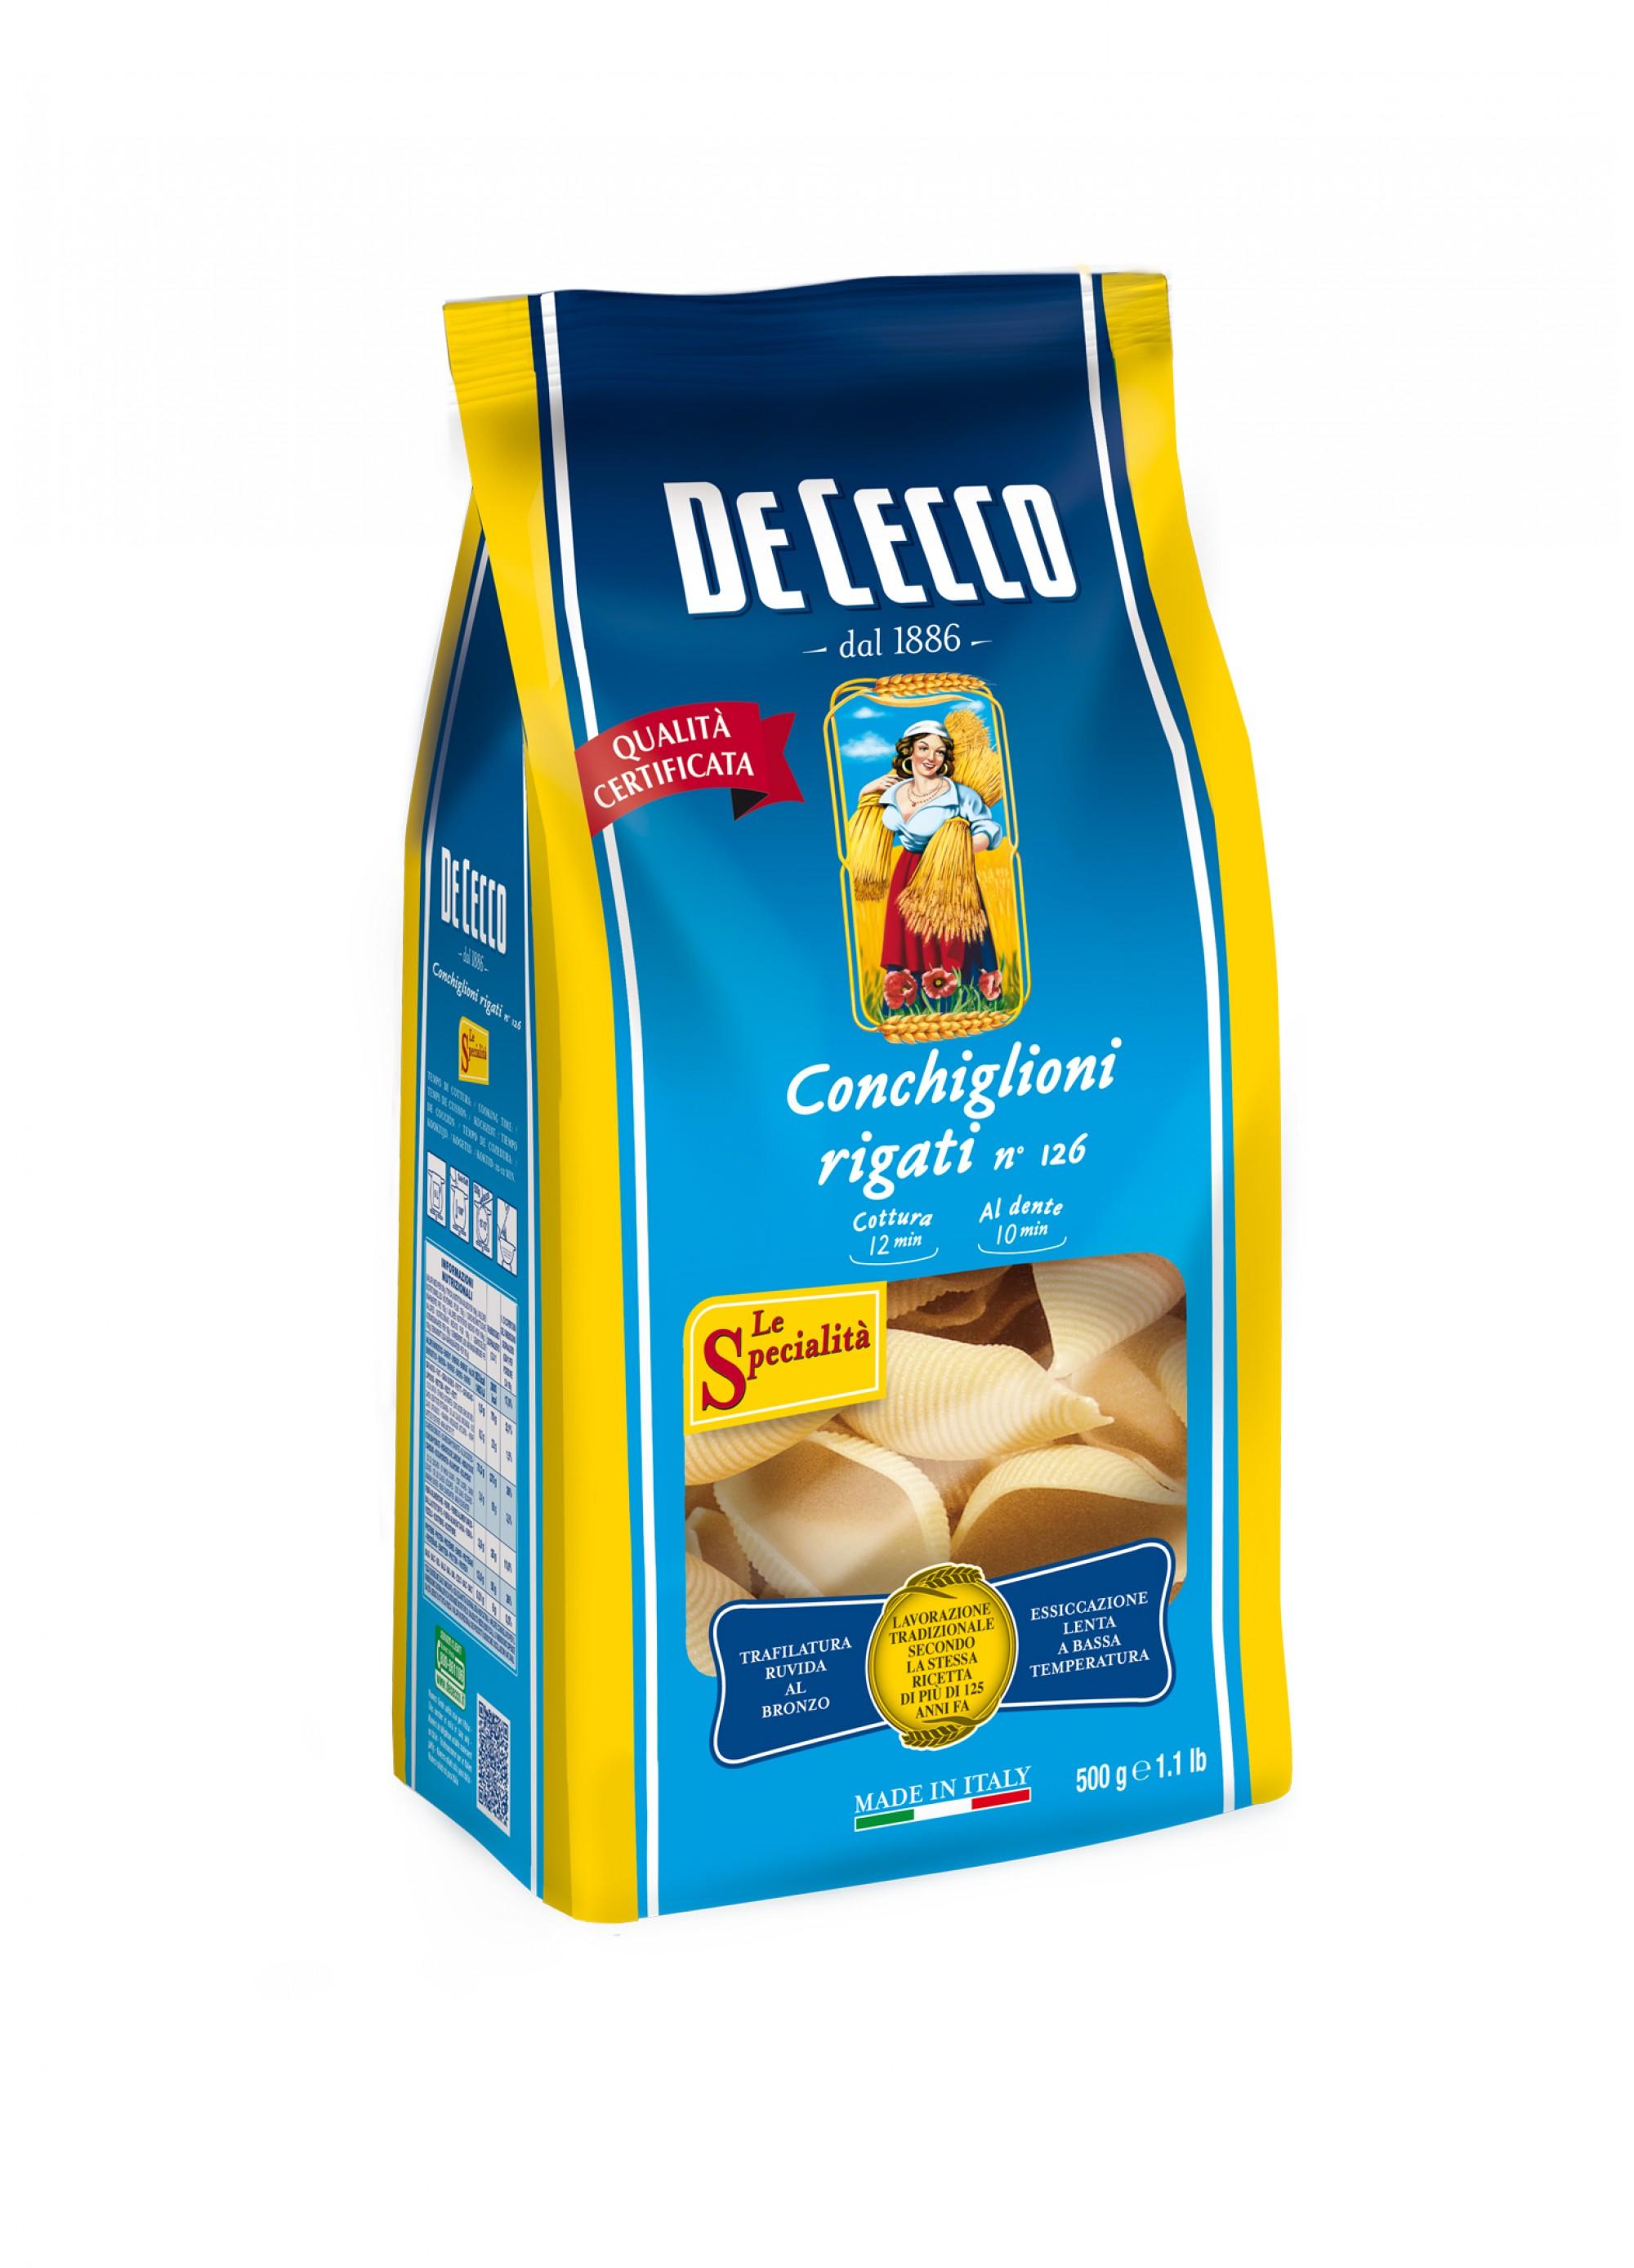 Conchiglioni Rigati n°126, De Cecco (500 g)